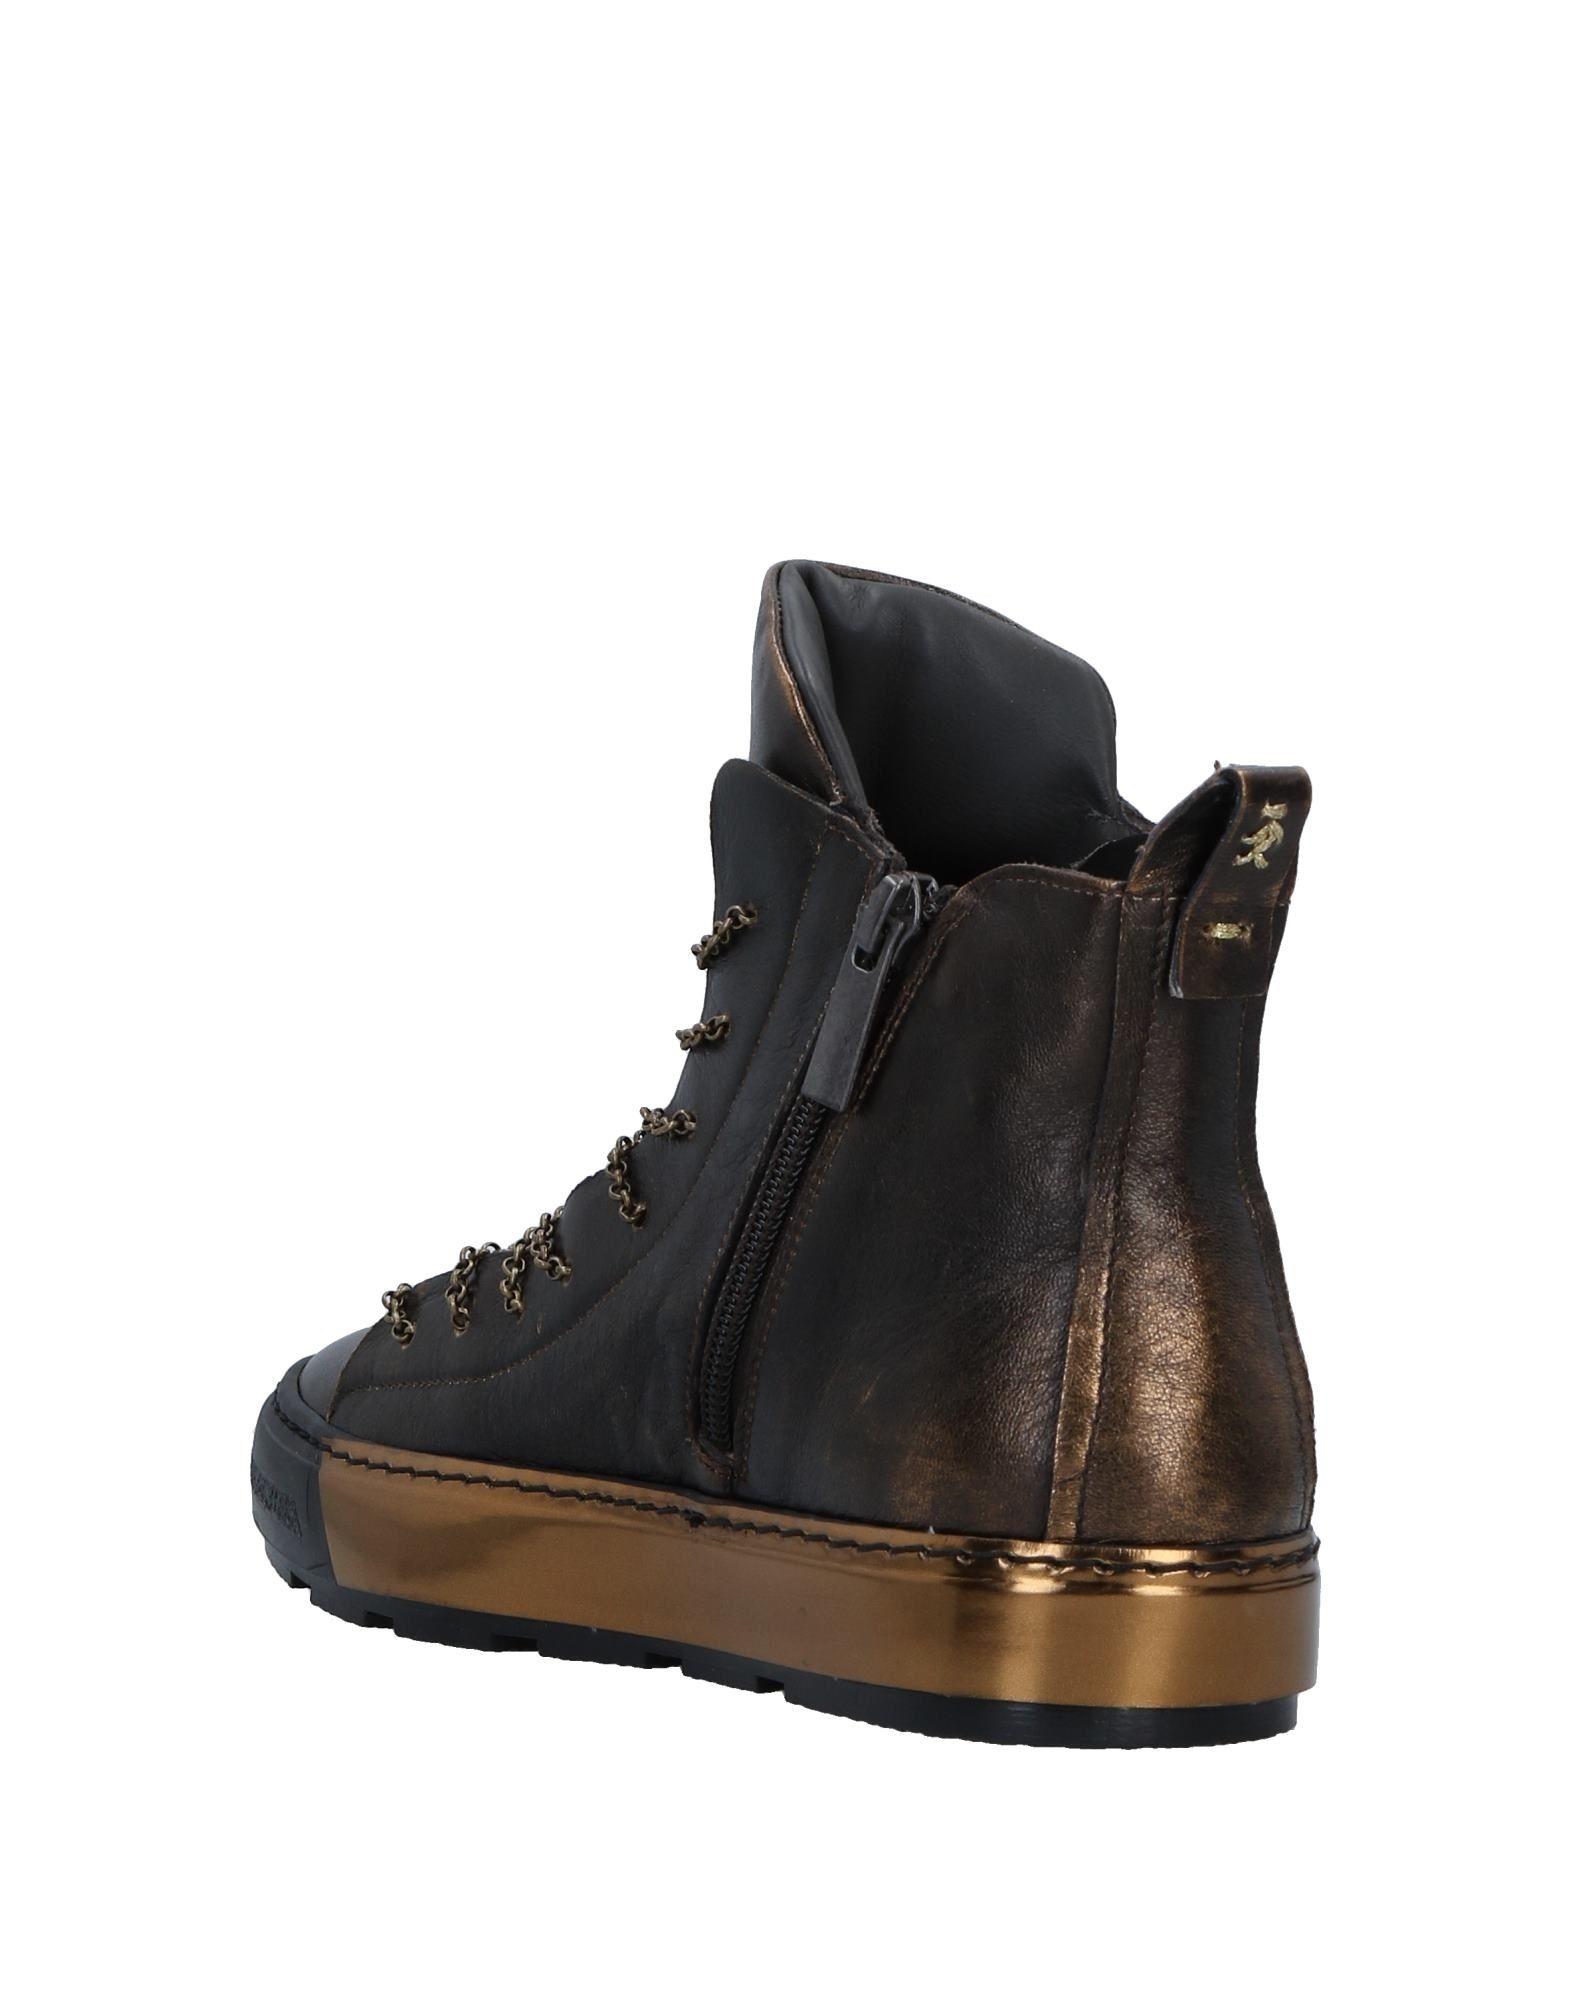 Henry Beguelin Stiefelette Damen  11526749KJGünstige gut aussehende Schuhe